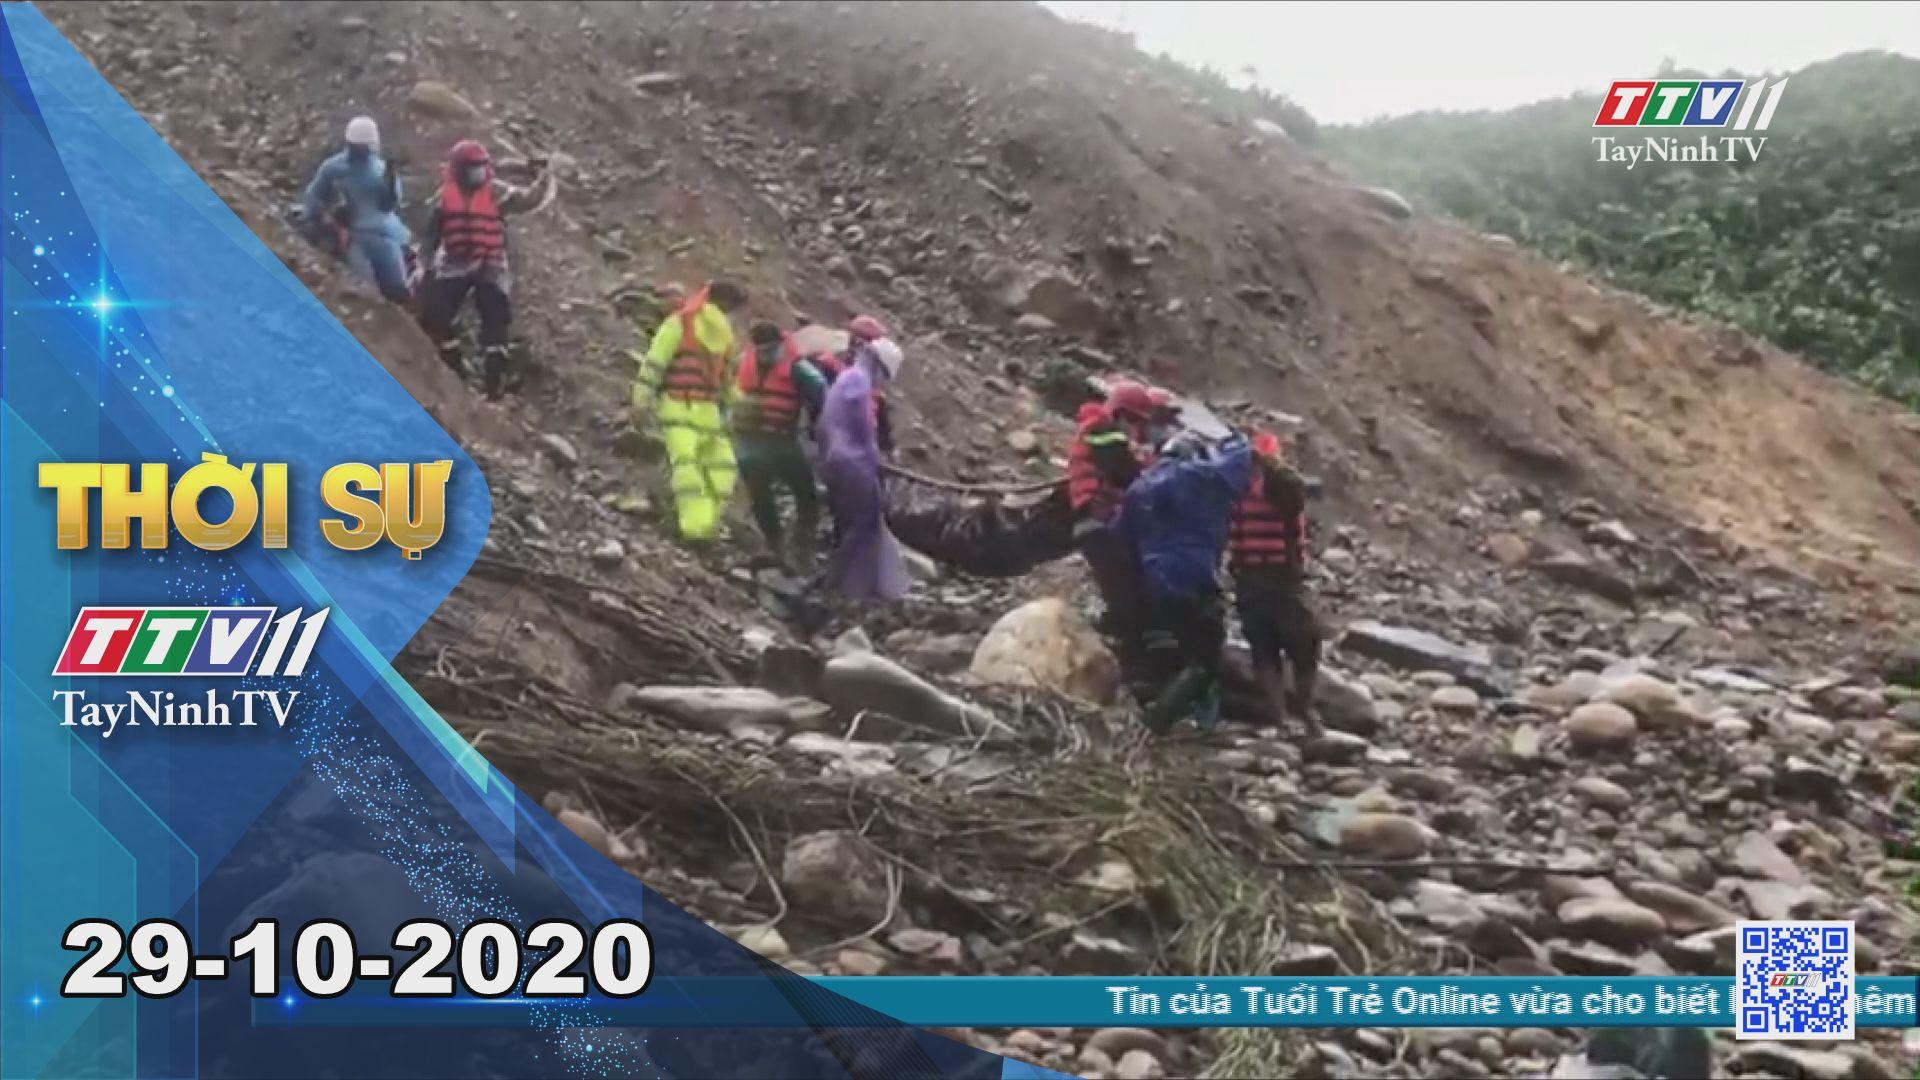 Thời sự Tây Ninh 29-10-2020 | Tin tức hôm nay | TayNinhTV